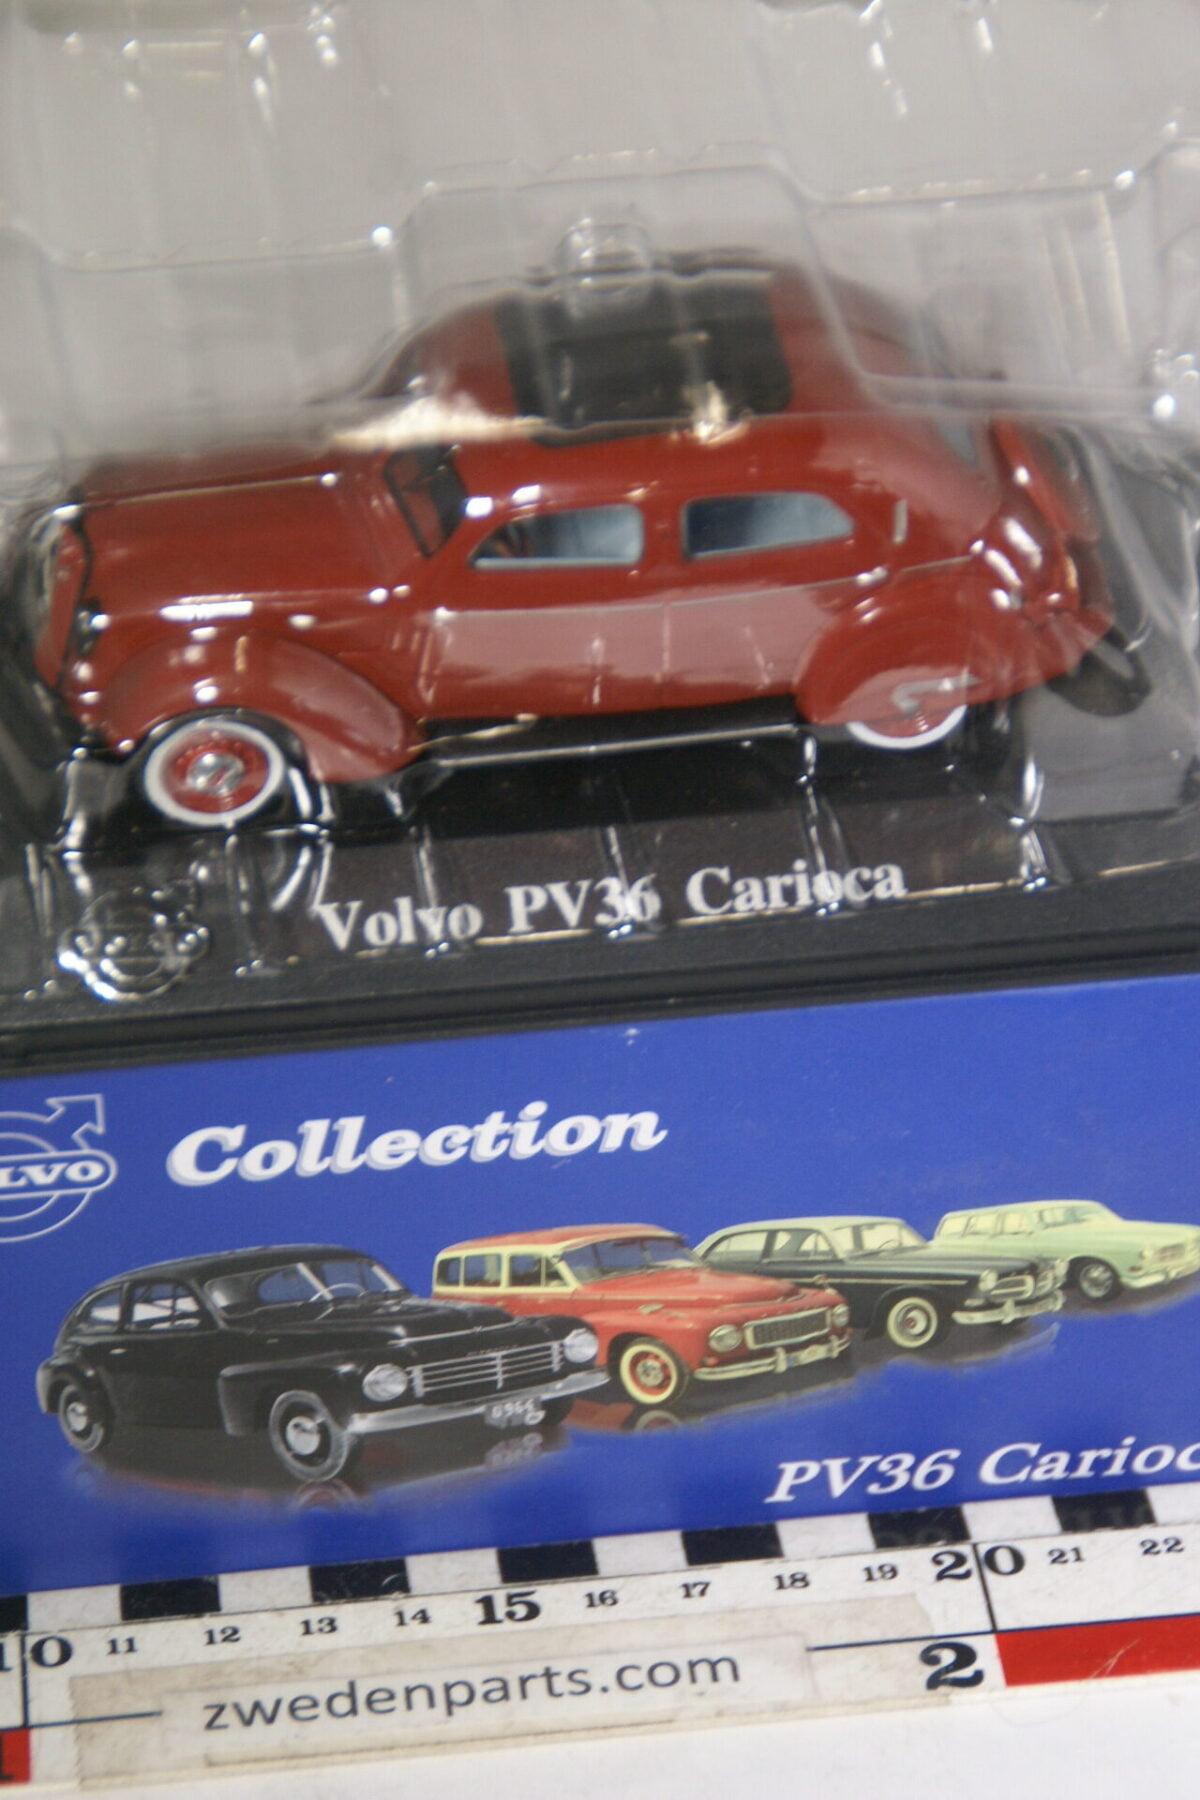 DSC00519 miniatuur Volvo PV36 Carioca rood 1op43 Atlas 22 nieuw in originele verpakking-1ca7f4ff